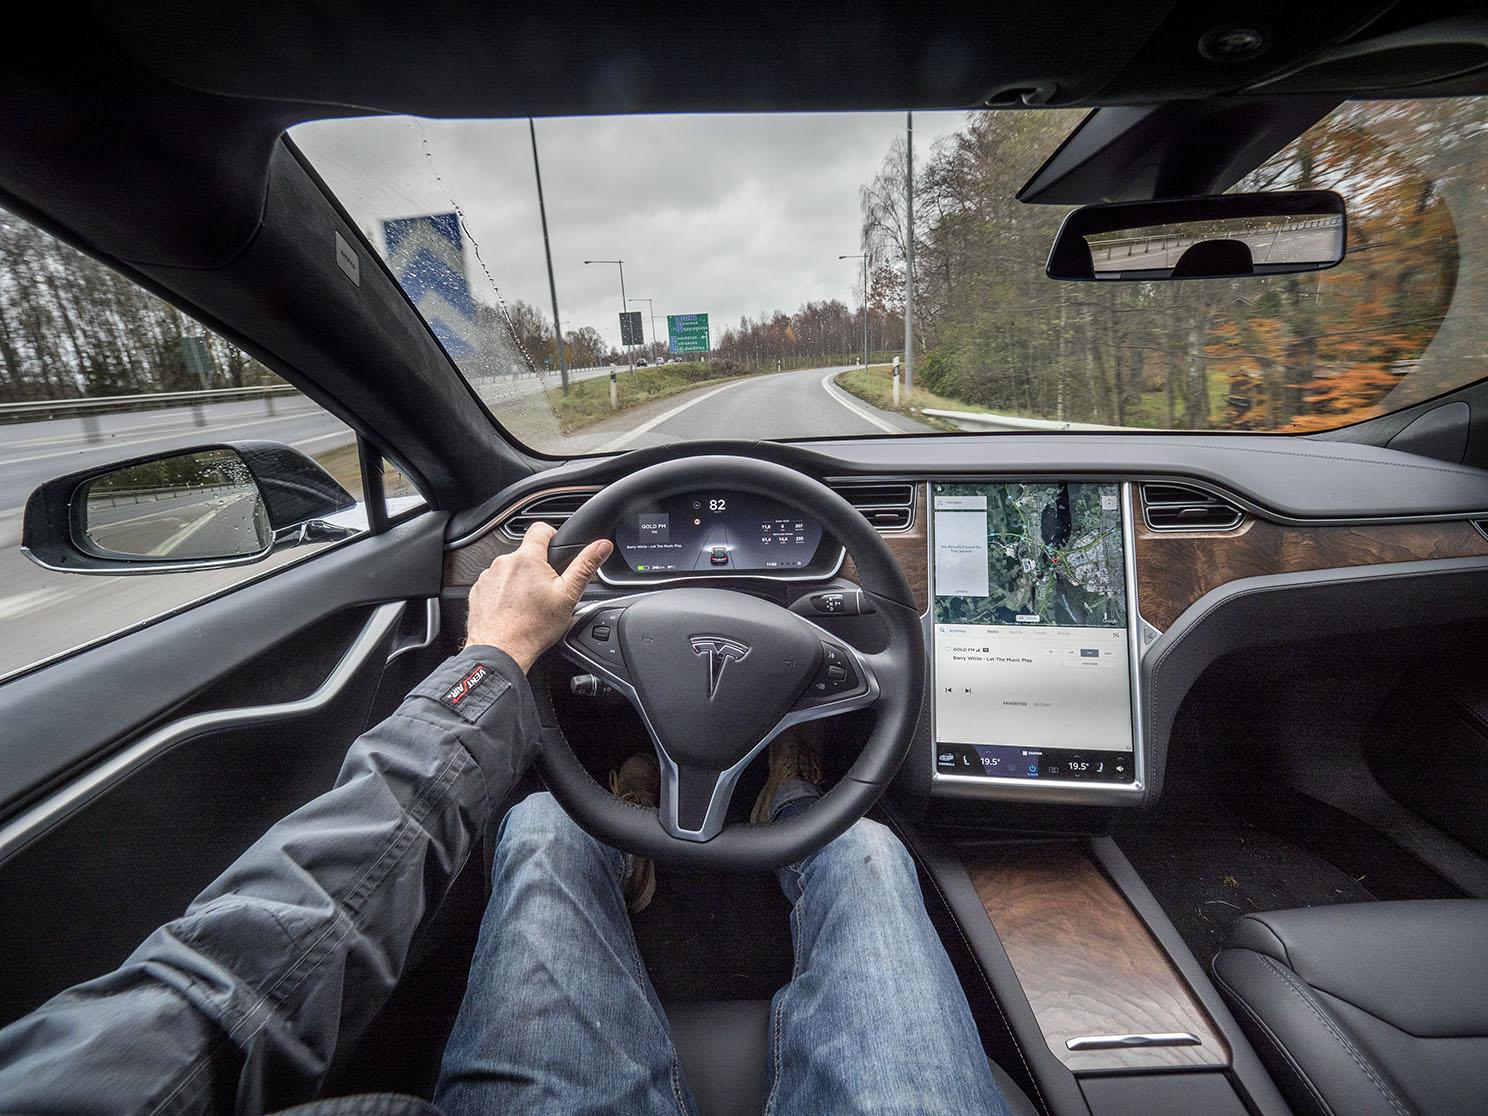 Förarmiljön i Tesla S liknar ingen annan bil. Den stora displayen i mitten hanterar det allra mesta och det krävs en viss träning för att hitta rätt. Bilen är alltid uppkopplad och den har långtgående förarstöd med vissa möjligheter till självkörande funktioner.